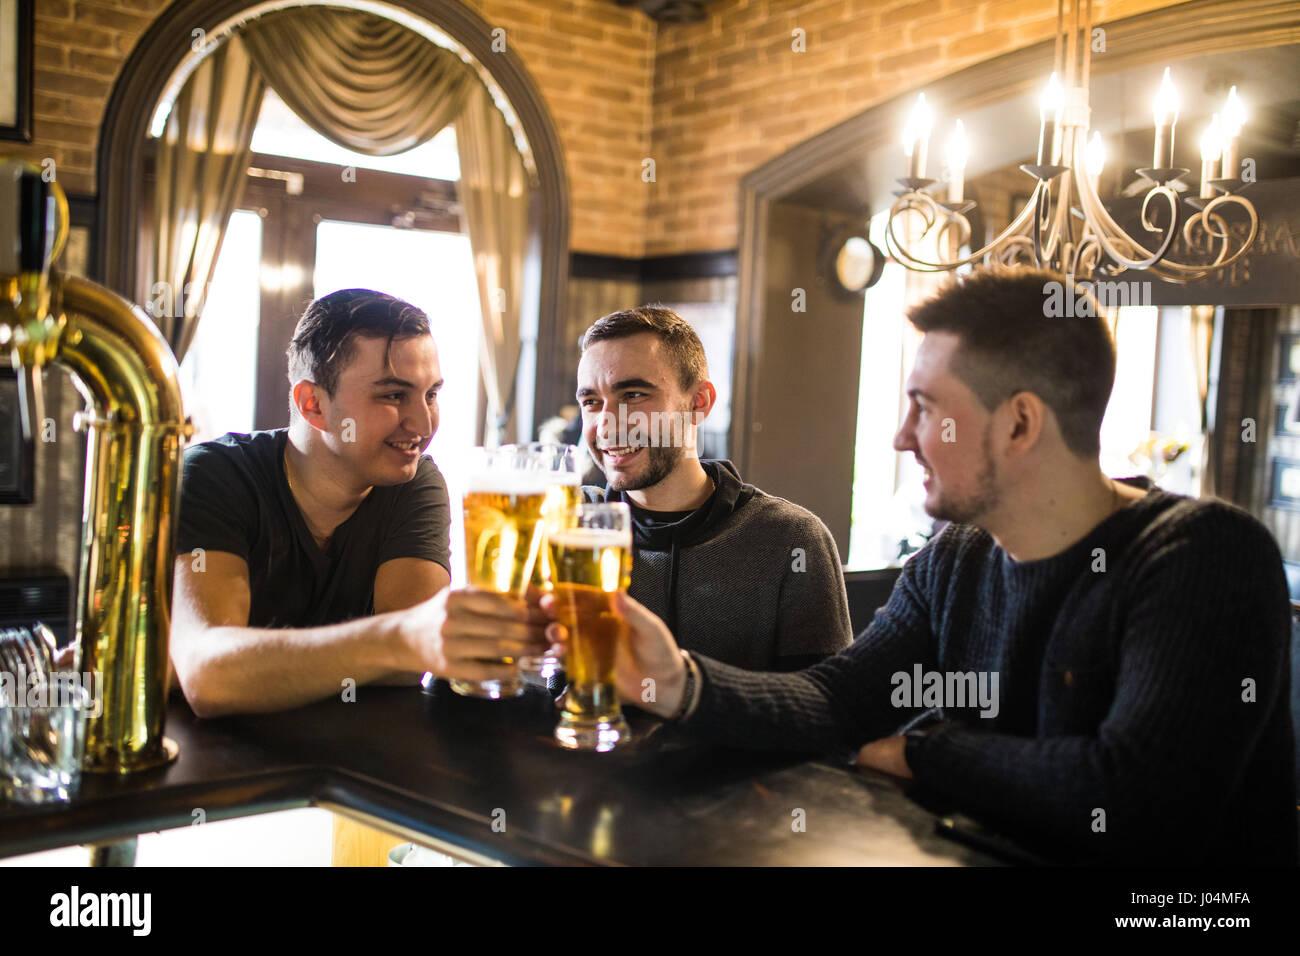 Cheerful vieux amis s'amuser et de boire la bière au comptoir du bar dans un pub. Photo Stock